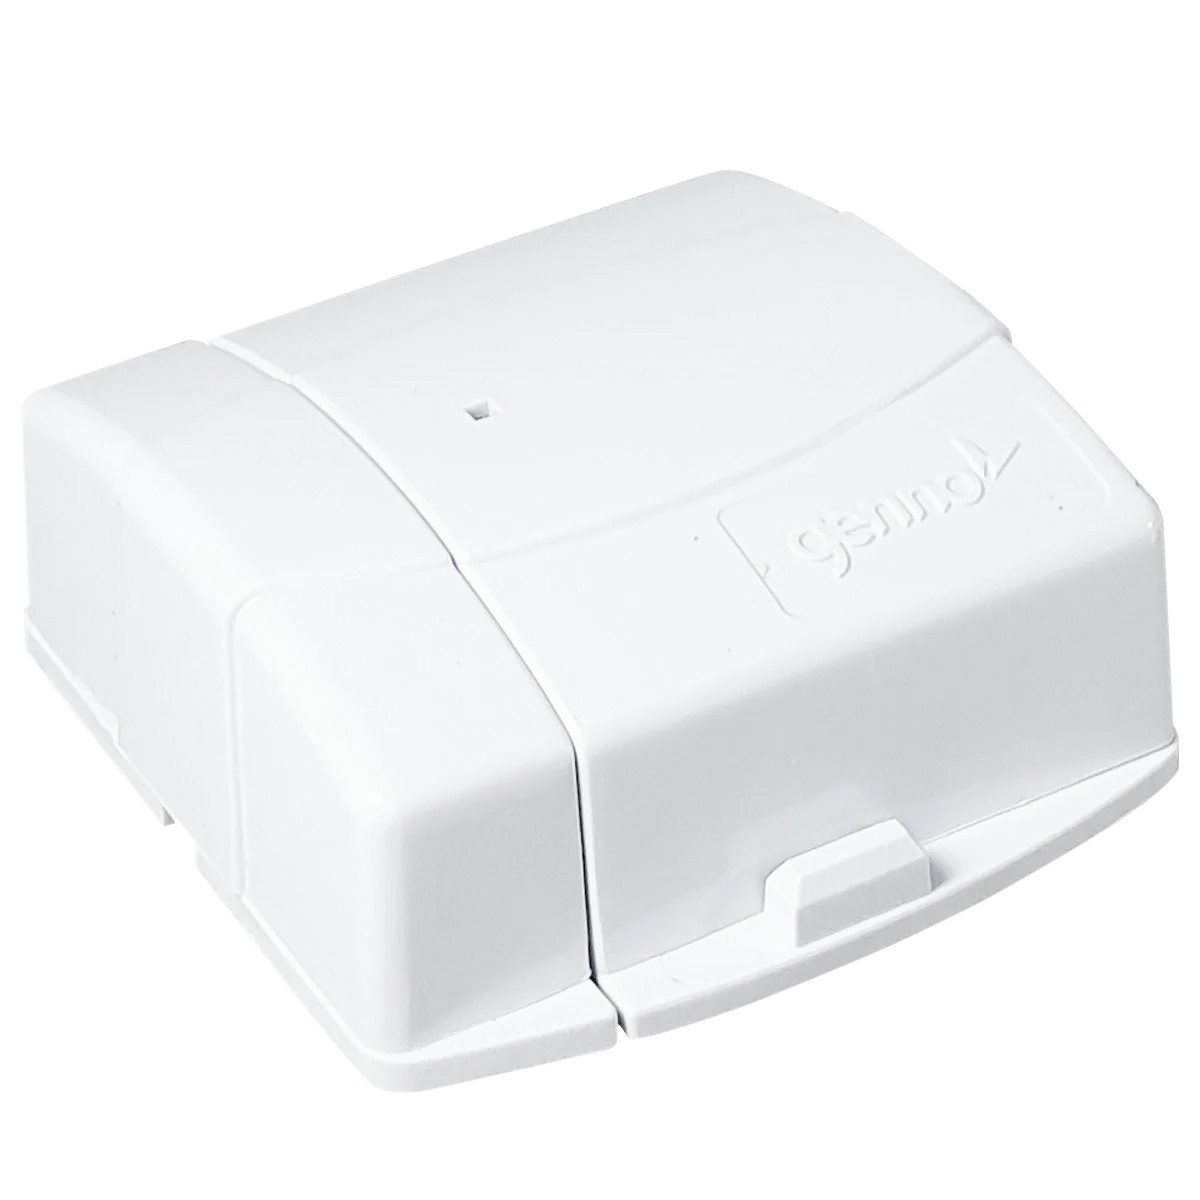 Kit de Alarme Residencial, Comercial com 13 Sensores Genno Nice  + Controles Remoto, aviso de disparo por Telefone Fixo  - Tudo Forte